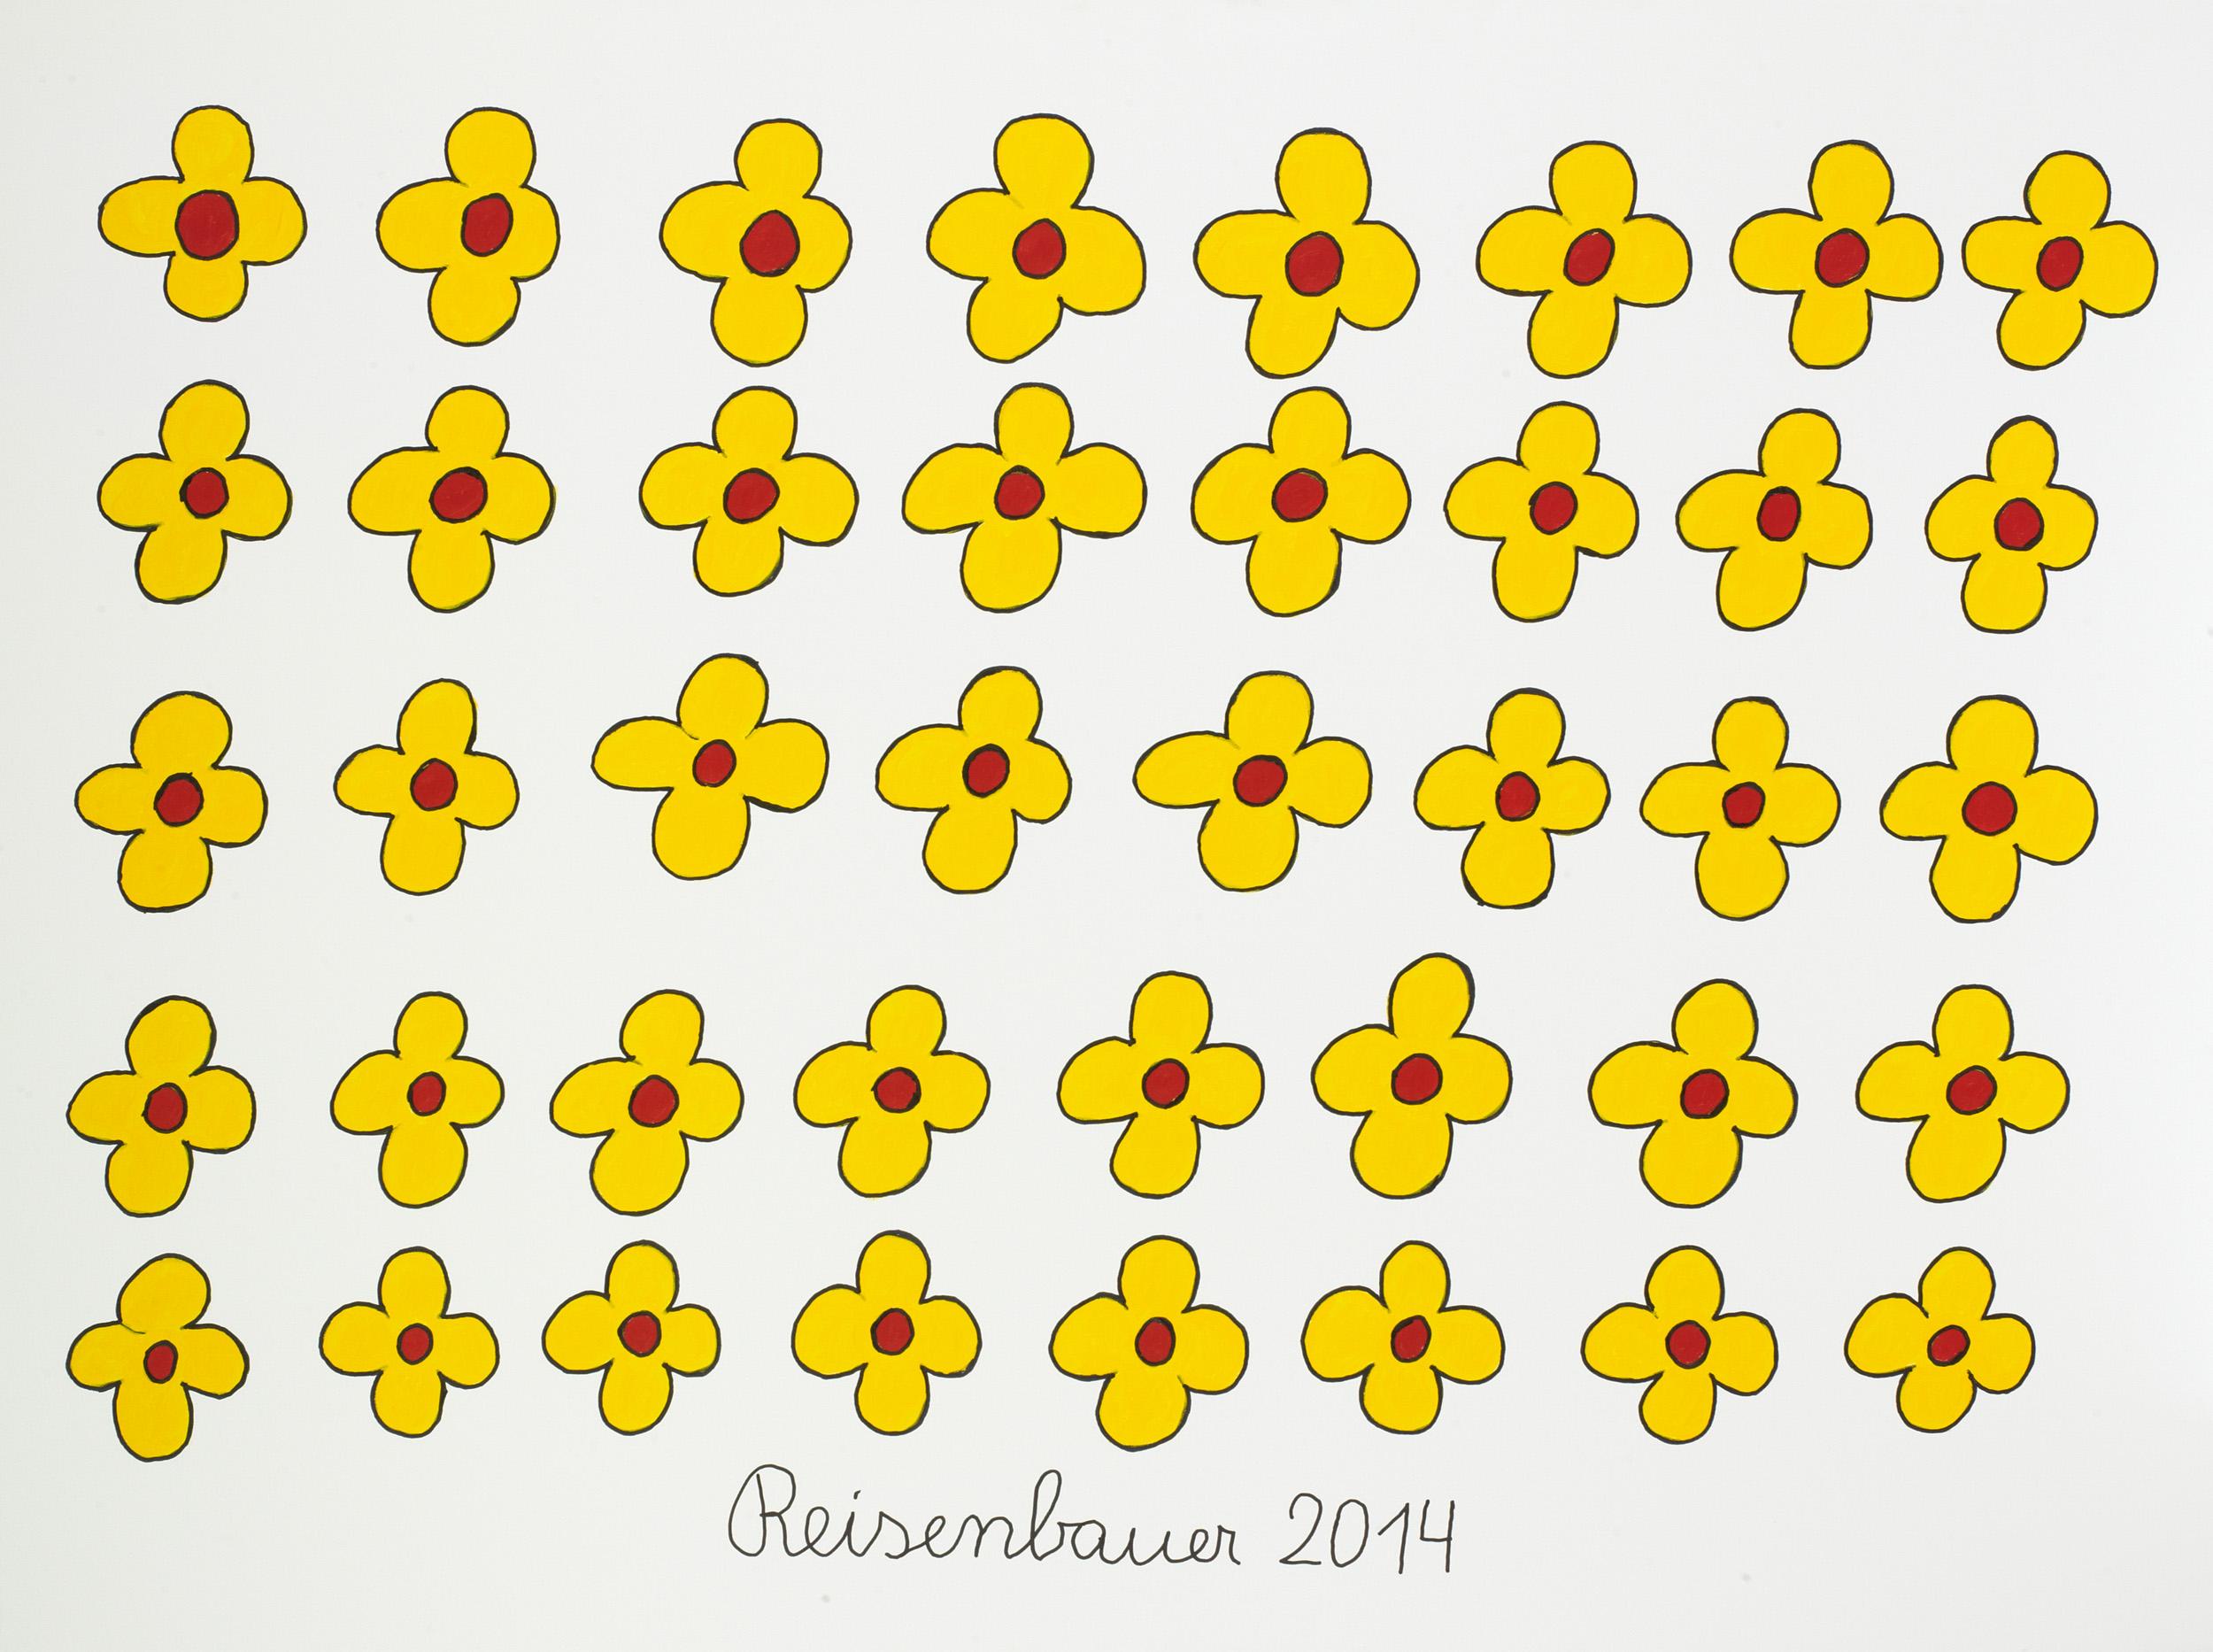 reisenbauer heinrich - Blumen / Flowers